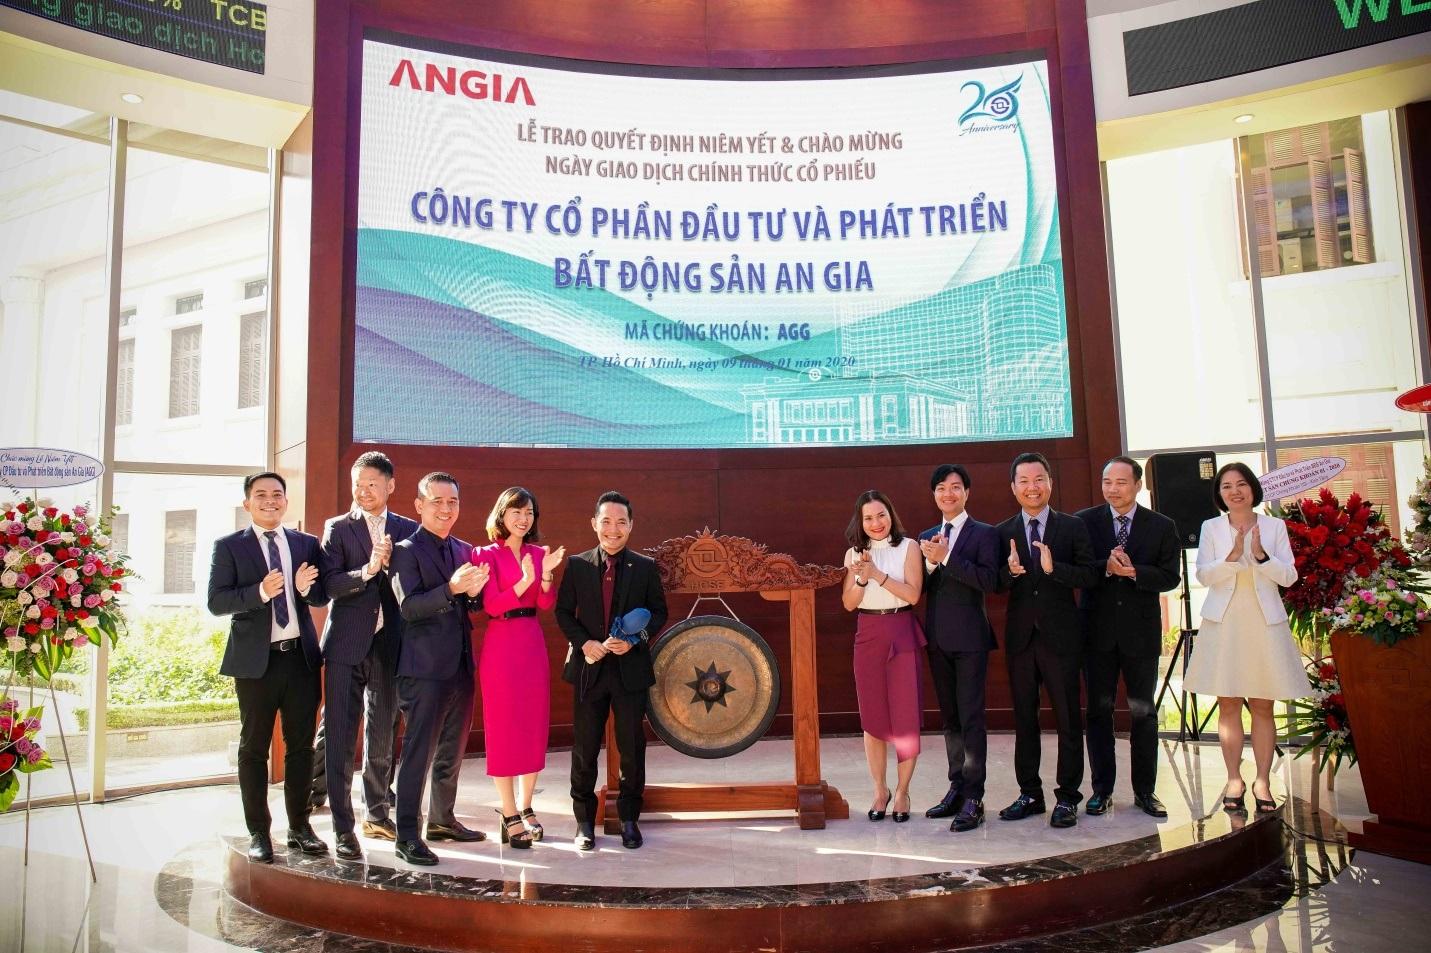 Lãnh đạo An Gia đánh cồng khai trương phiên giao dịch đầu tiên của cổ phiếu AGG trên HOSE ngày 09/01